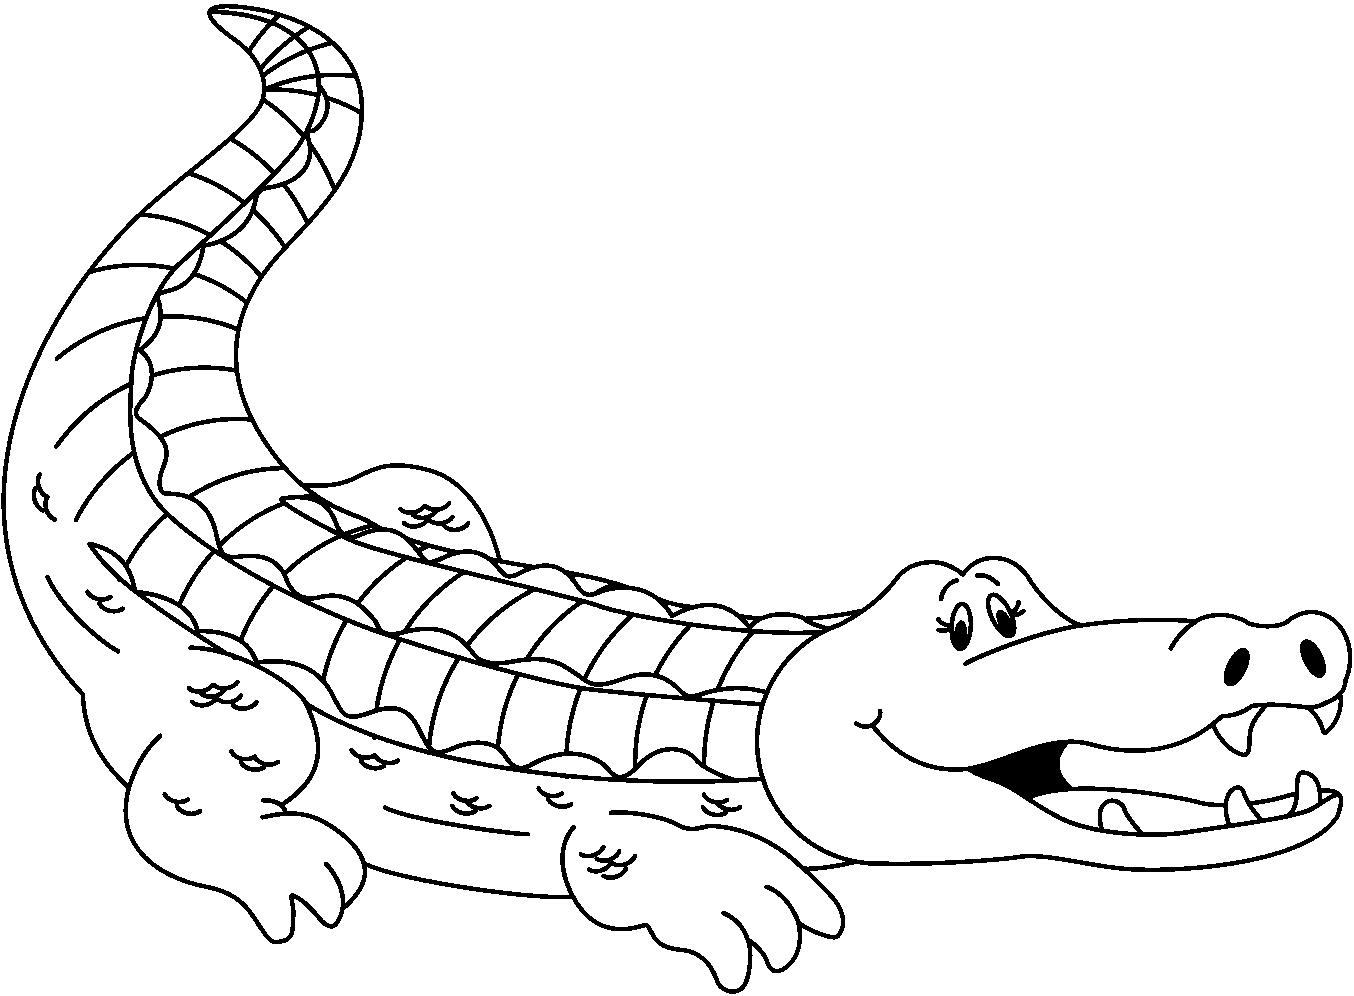 Monochrome clipart alligator #15